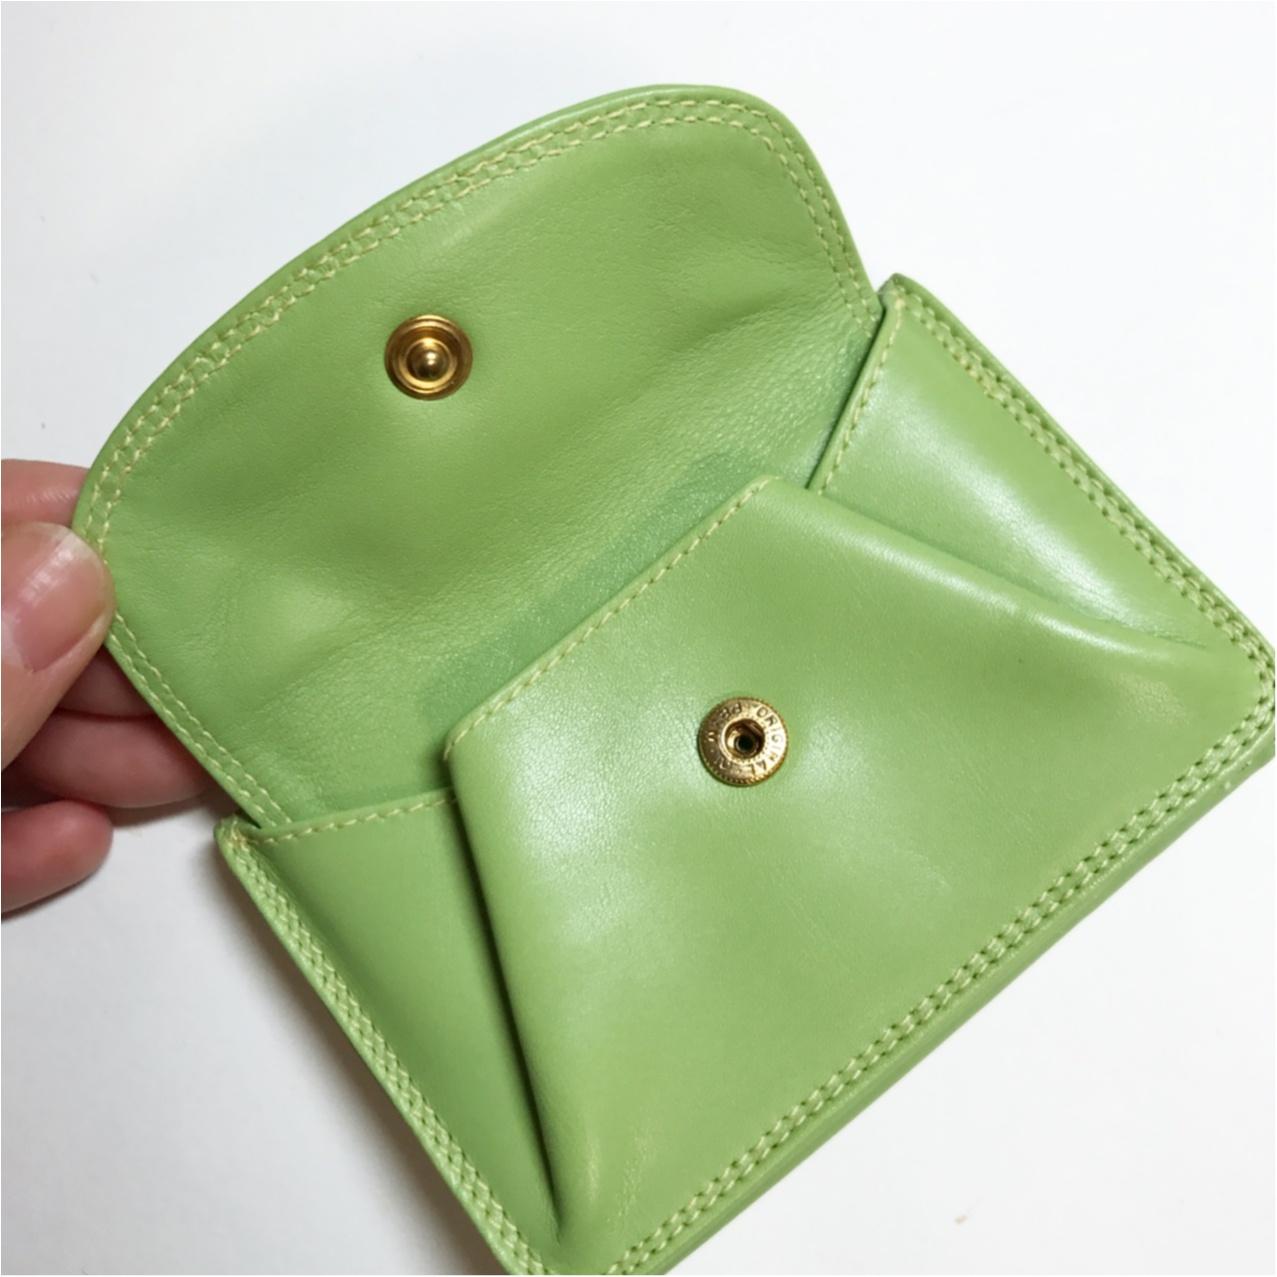 《ミニバッグの日のお供はコレ♡》和光の三つ折り財布がいちばん使いやすいっ!_2